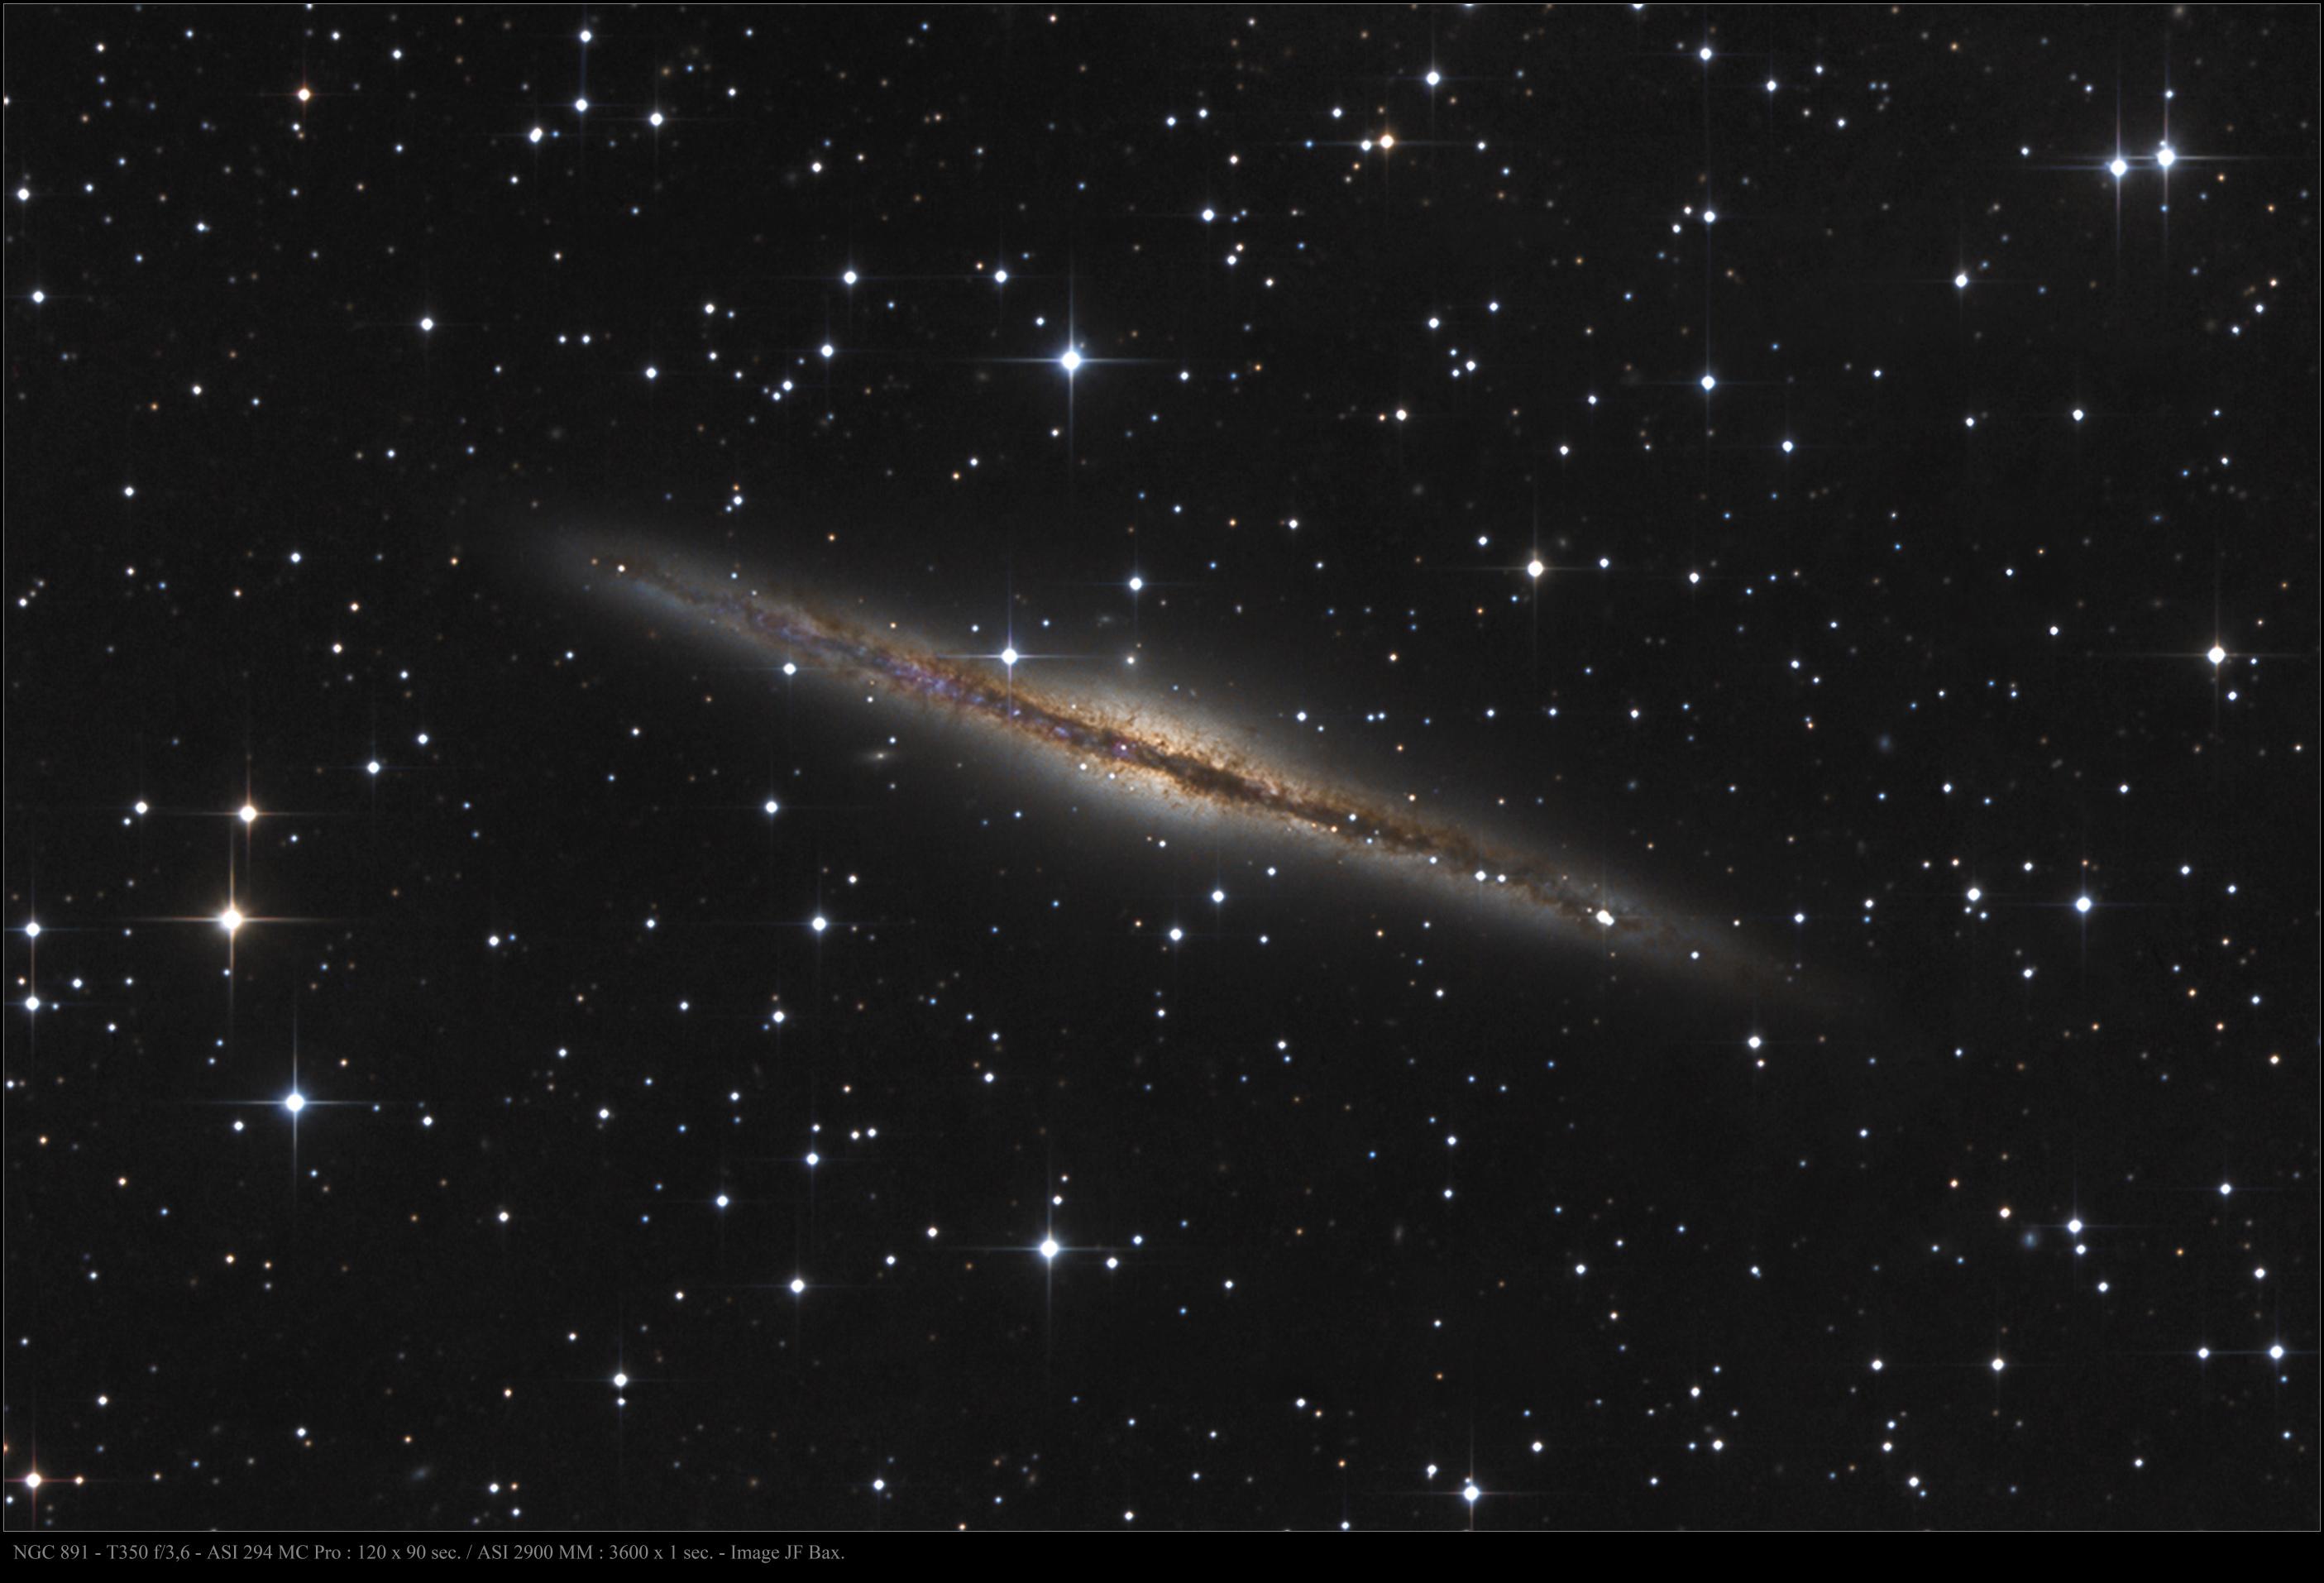 NGC-891-final-final_cadre1.jpg